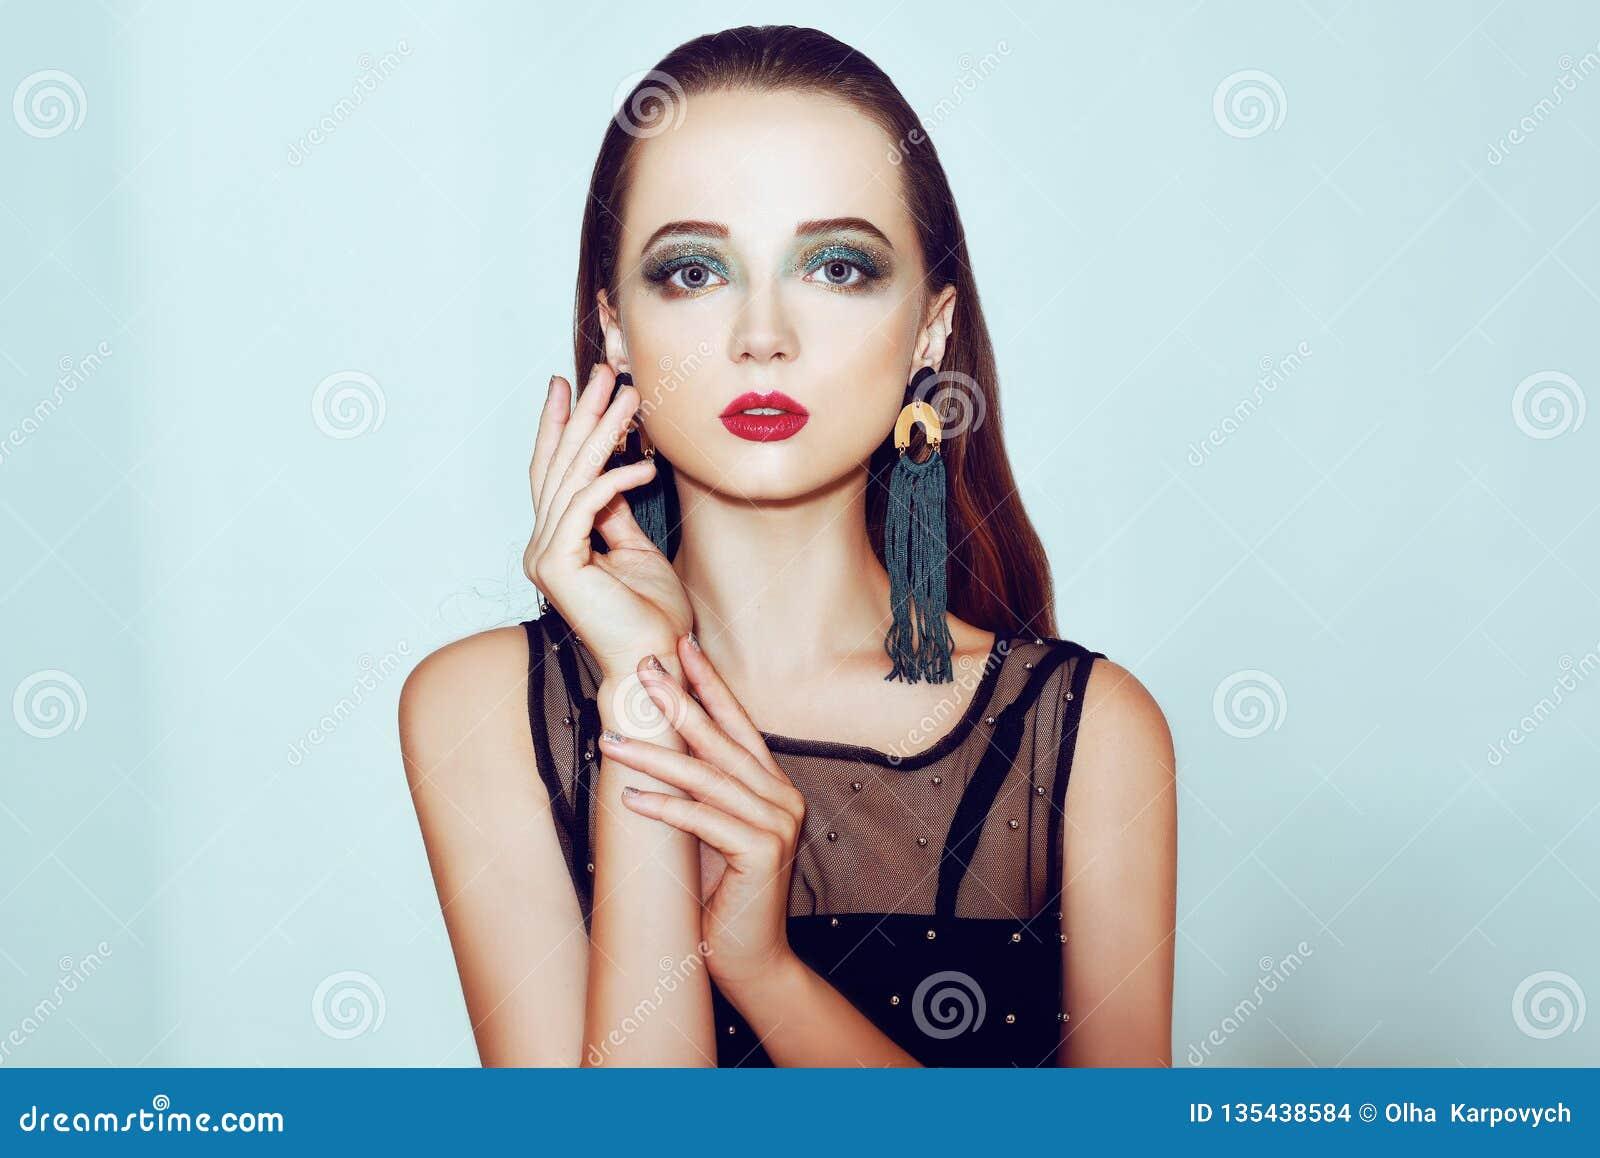 Grüne Verfassung Schönes Mädchen mit Make-up lokalisiert auf Hintergrund Augenmake-up und sinnliche Lippen Elegante Frisur Brunet